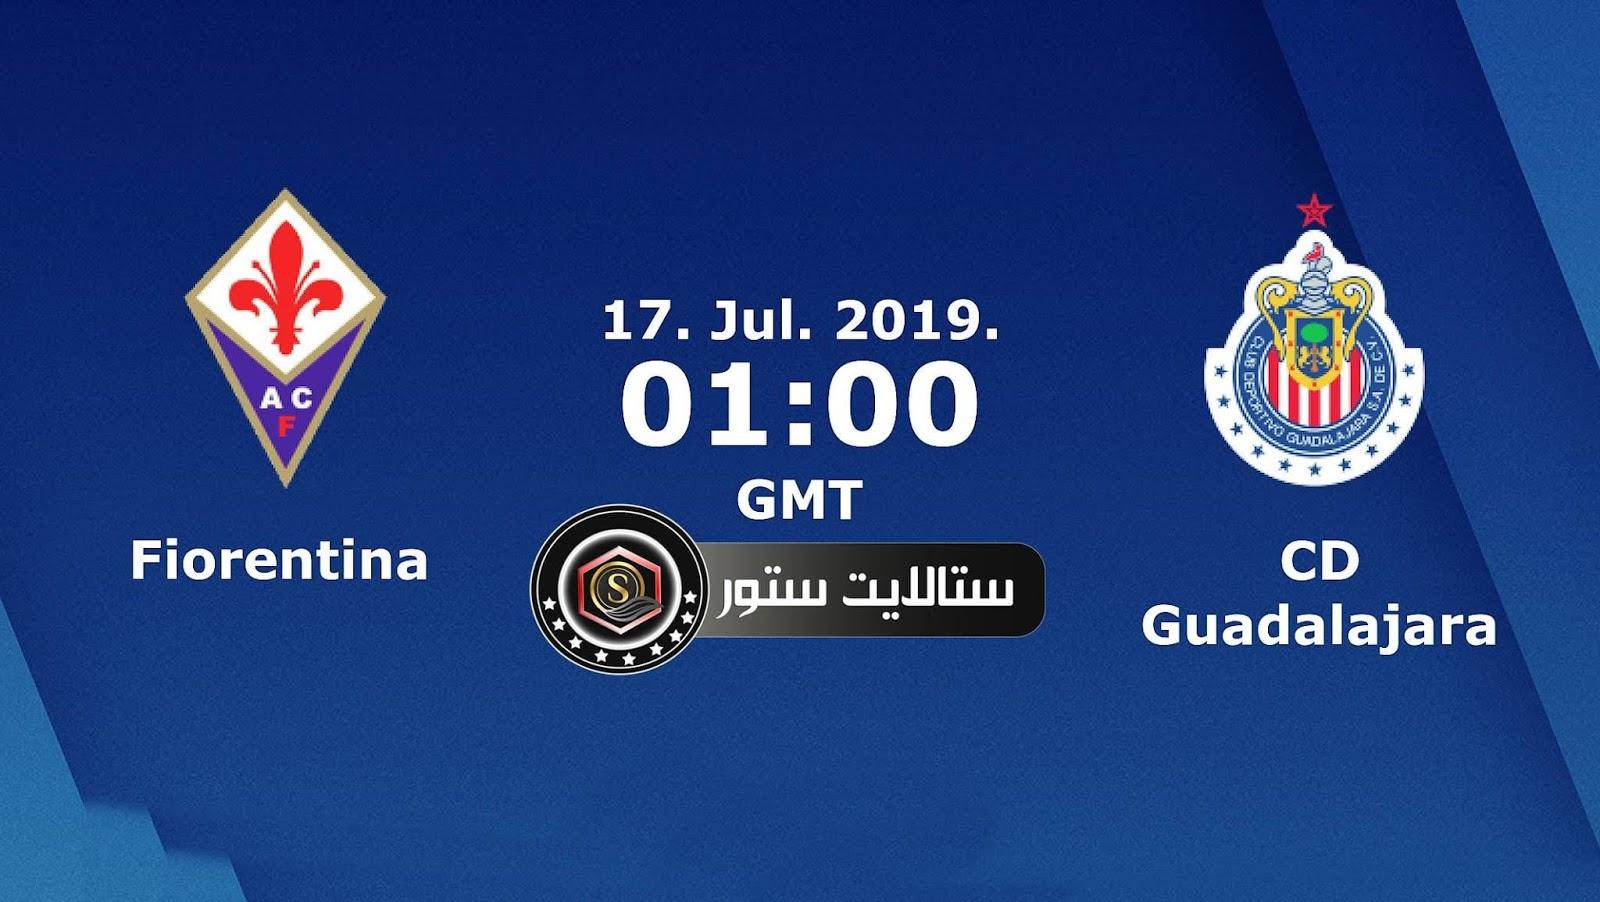 موعد مباراة فيورنتينا وغوادالاخارا اليوم الاربعاء 17-7-2019 في كأس الدولية للأبطال